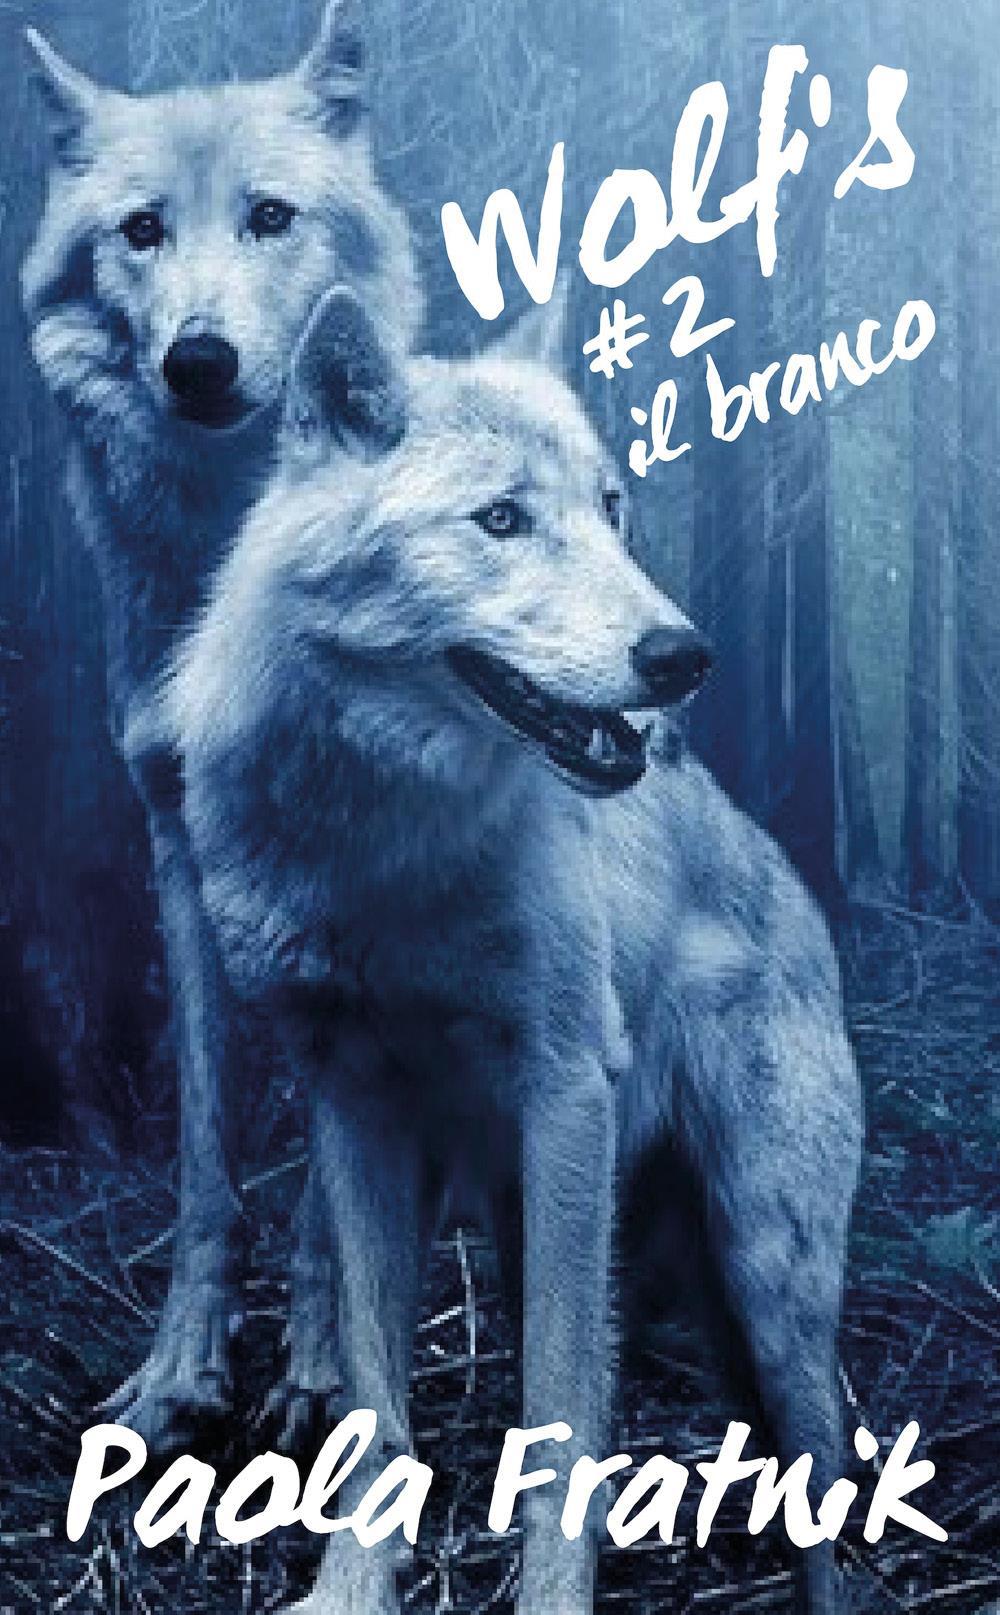 Wolf's #2 il branco